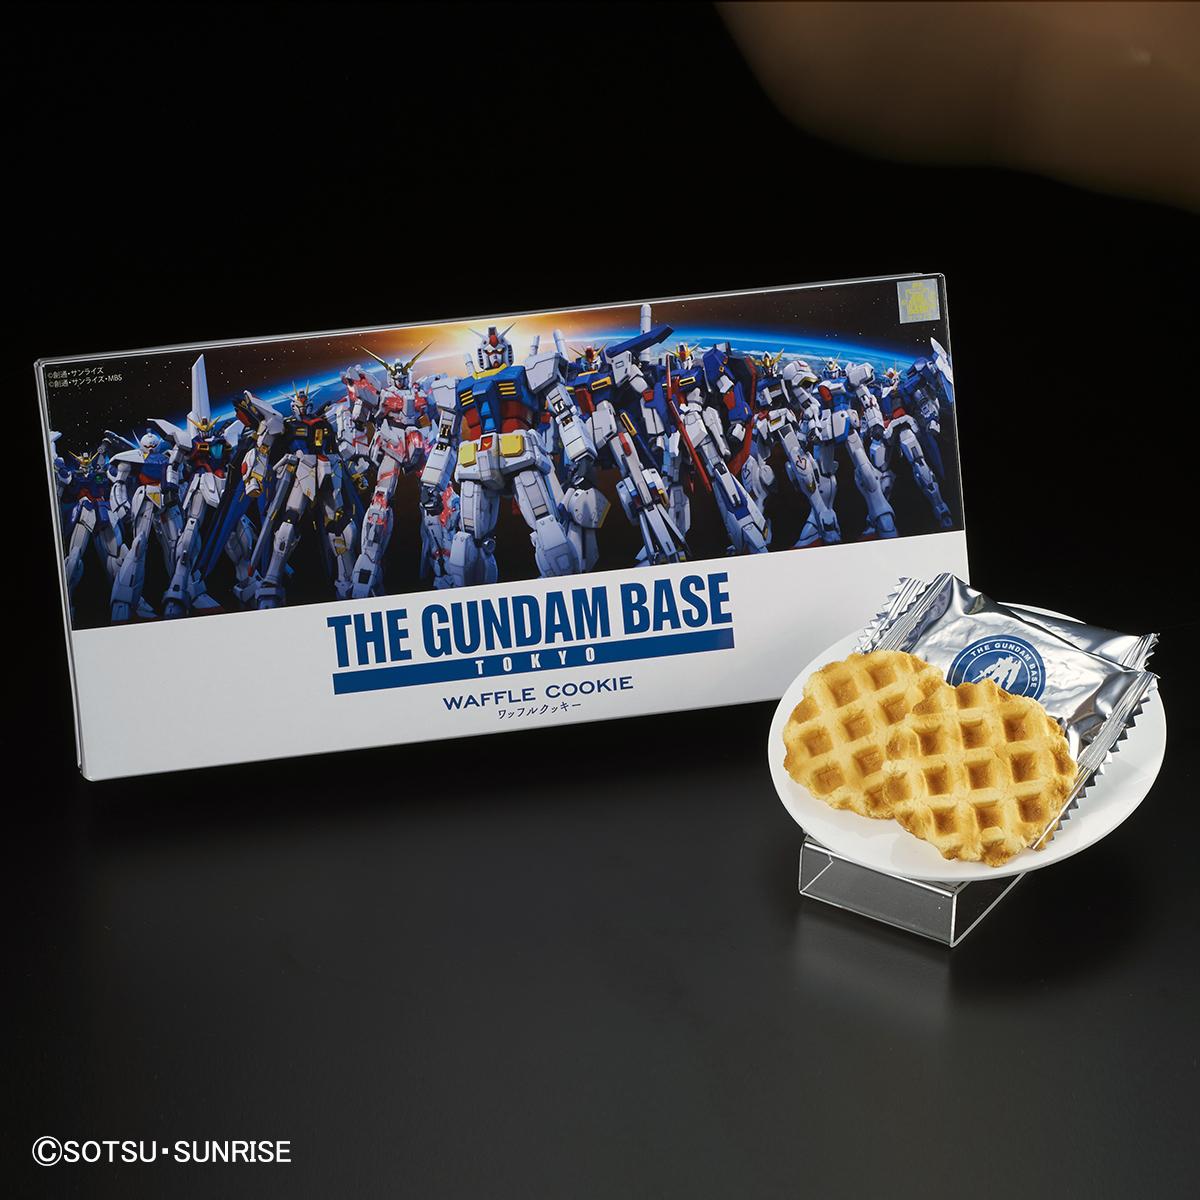 THE GUNDAM BASE ワッフルクッキー 商品画像